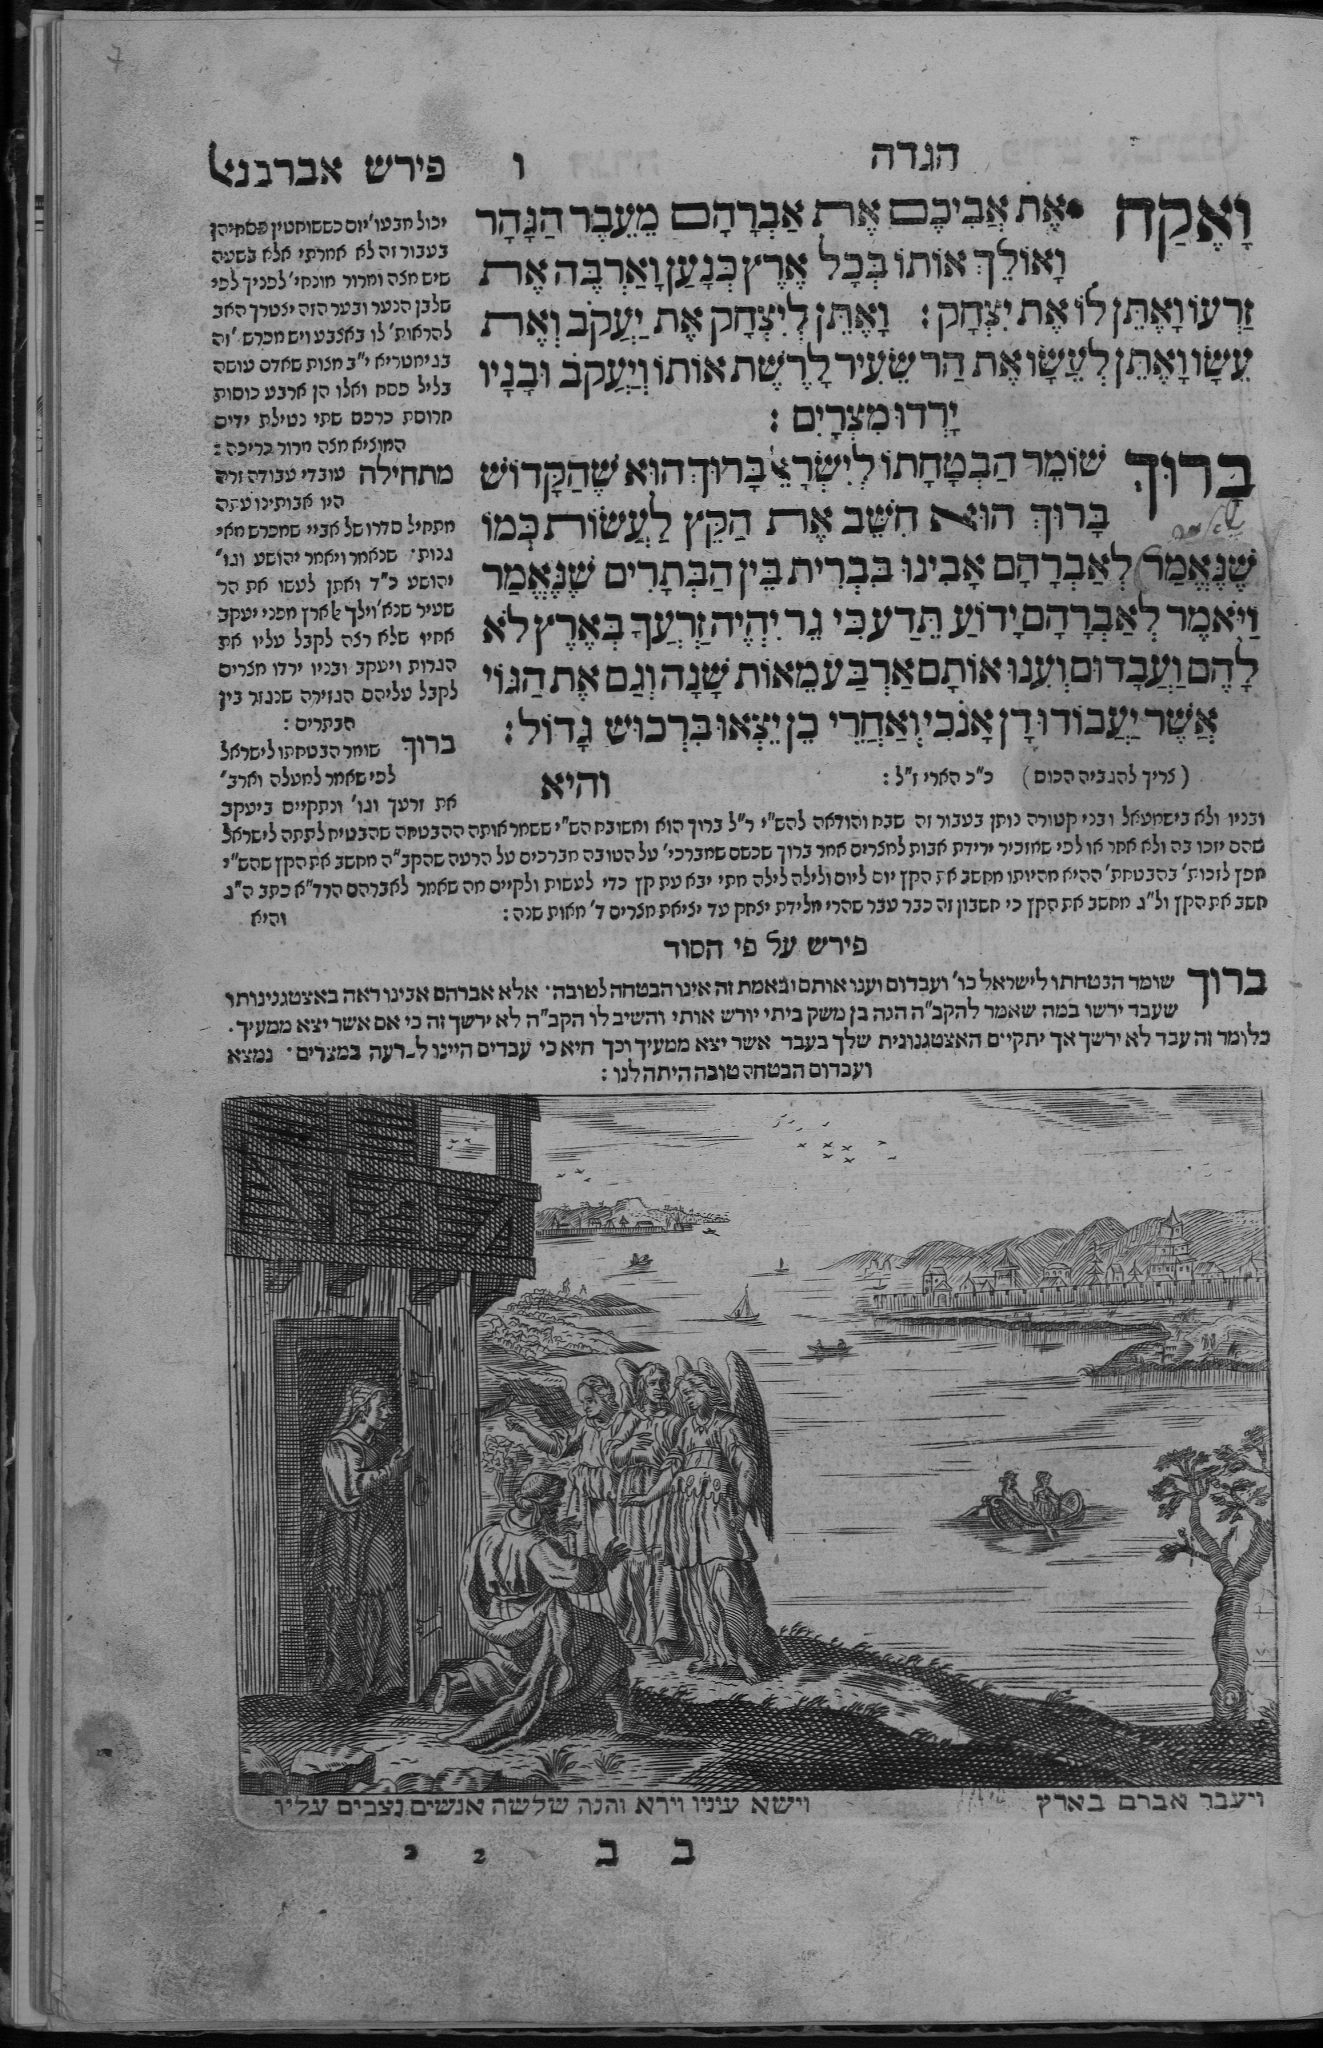 Пасхална Агада. Амстердам, 1695. Национална библиотека на Израел